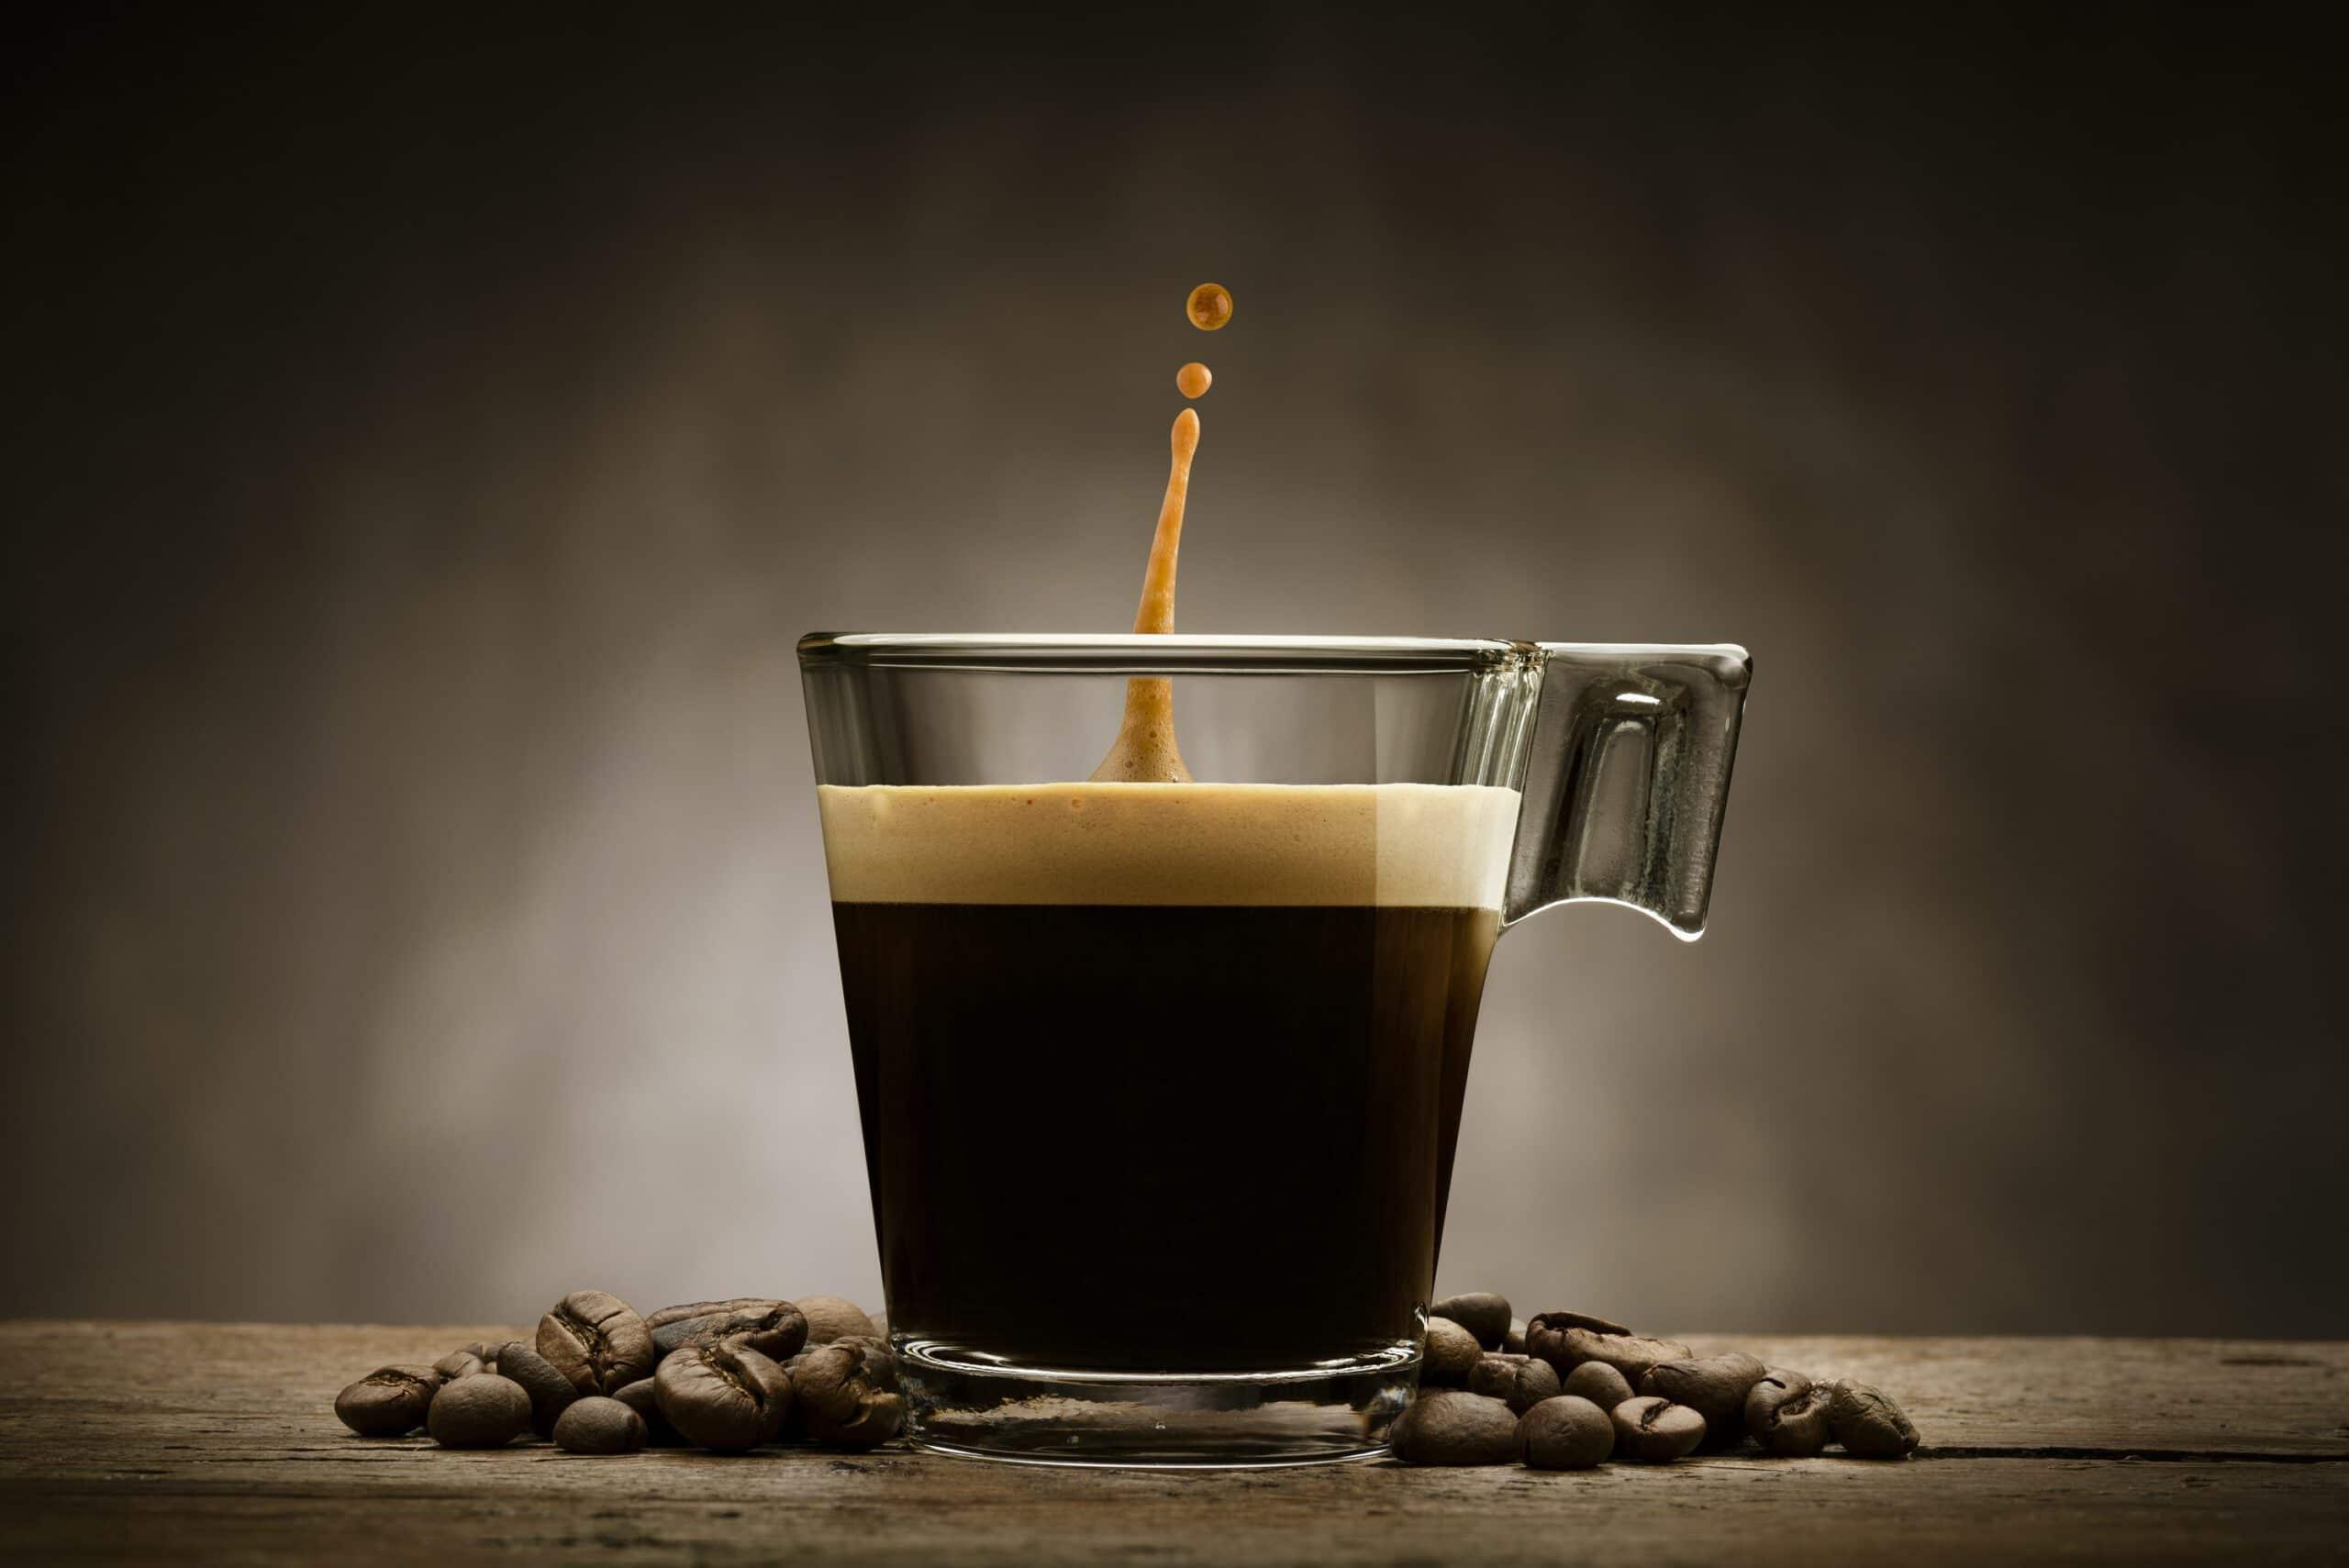 Healthiest Way To Brew Coffee